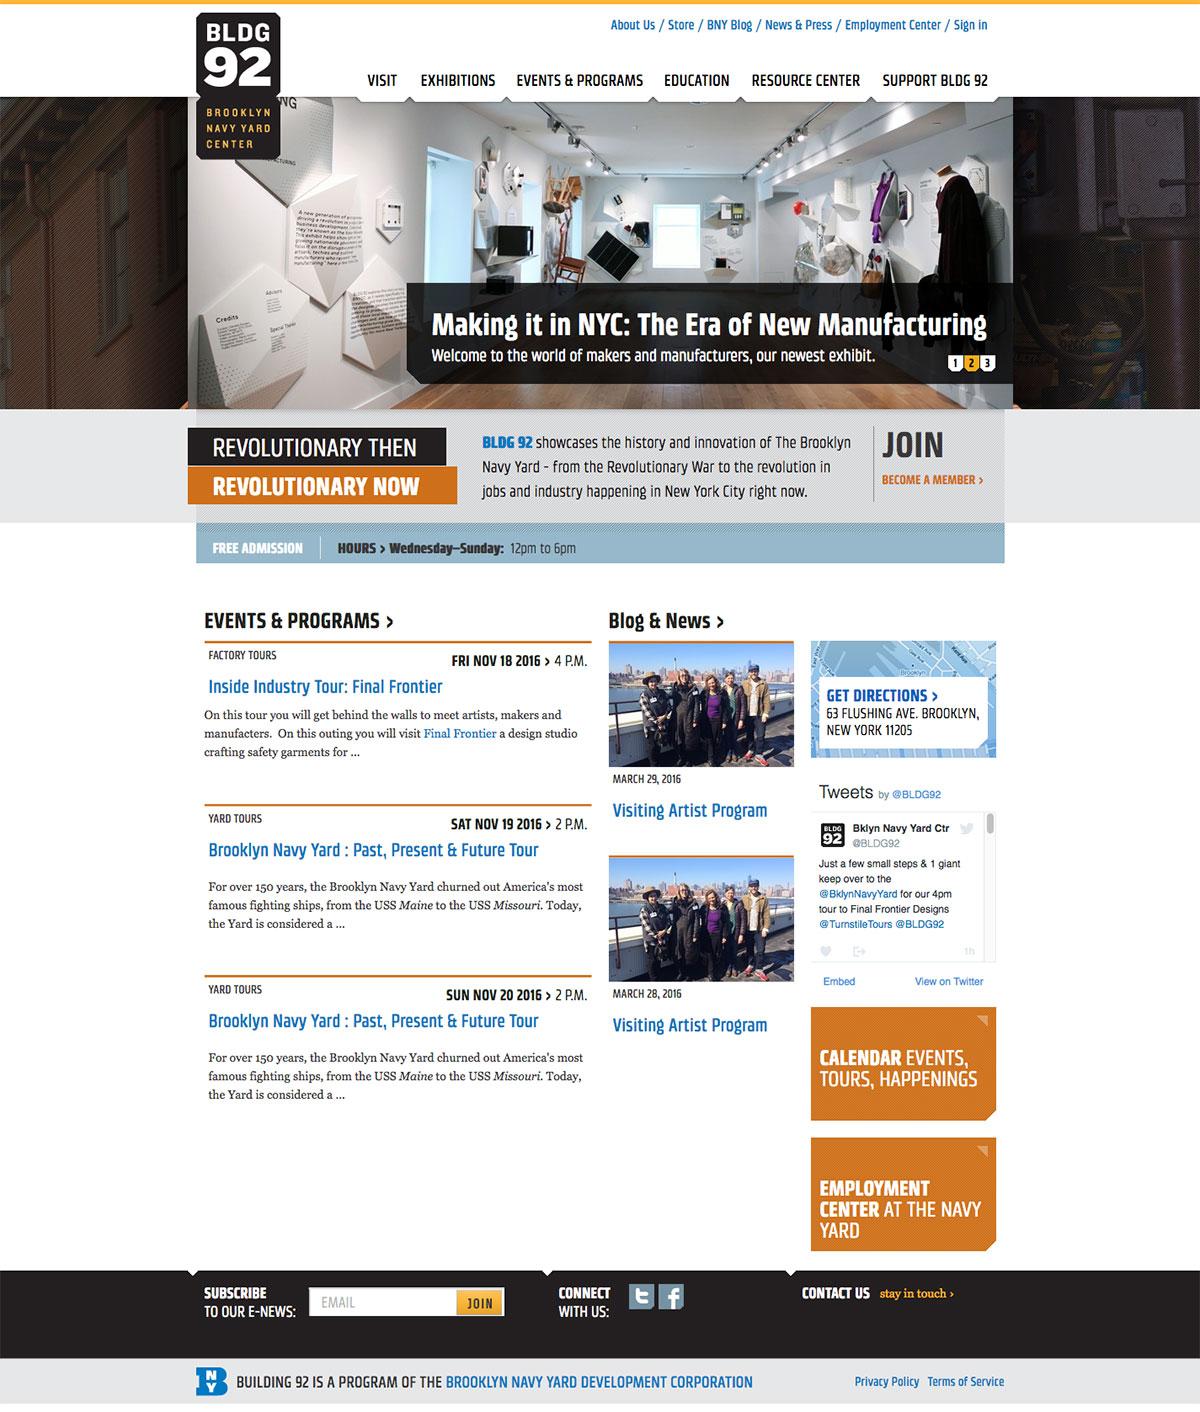 BROOKLYN NAVY YARD CENTER AT BLDG92 website